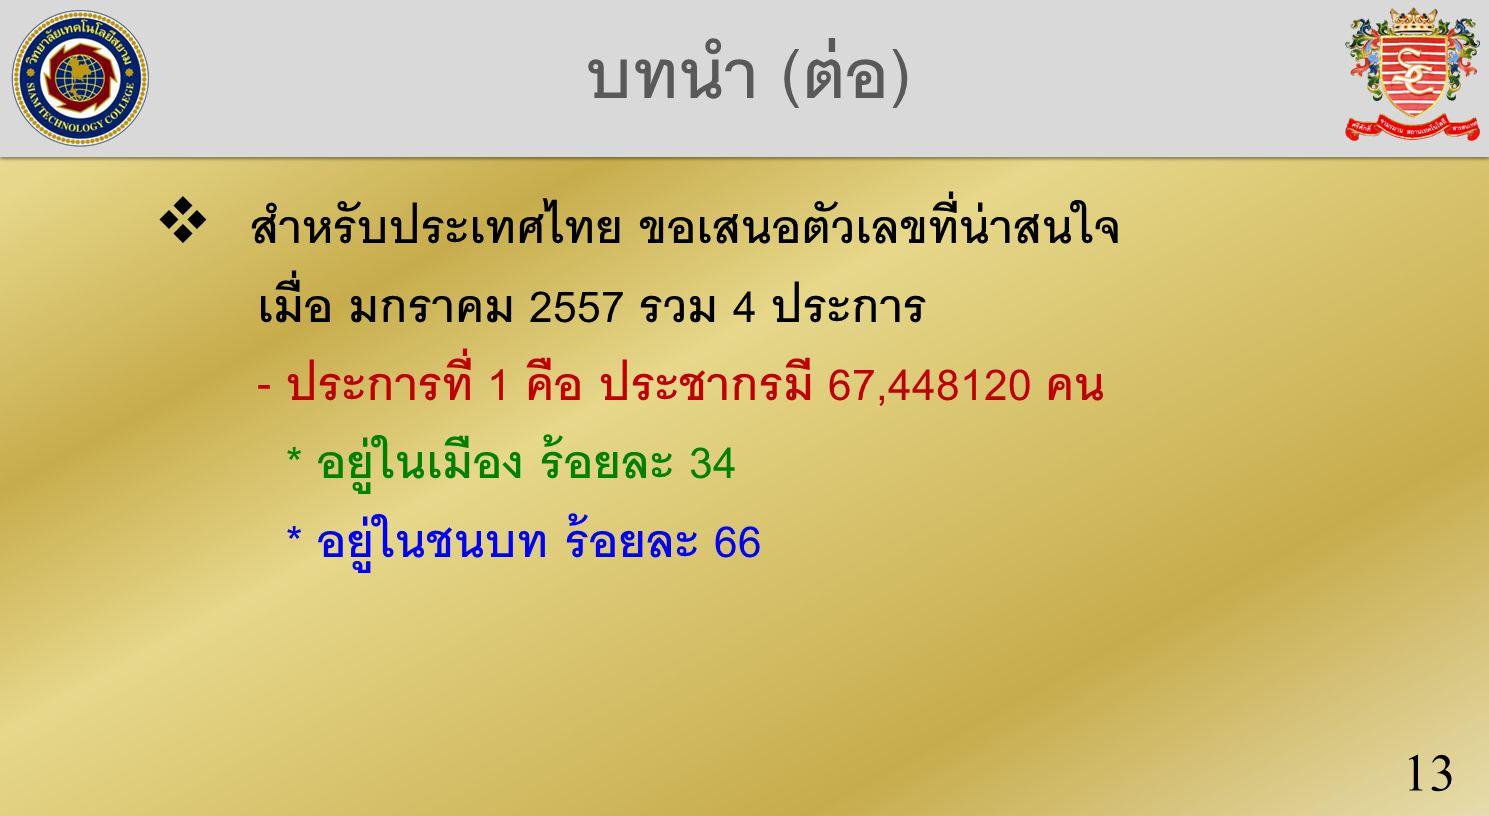 บทนำ (ต่อ)  สำหรับประเทศไทย ขอเสนอตัวเลขที่น่าสนใจ เมื่อ มกราคม 2557 รวม 4 ประการ - ประการที่ 1 คือ ประชากรมี 67,448120 คน * อยู่ในเมือง ร้อยละ 34 * อยู่ในชนบท ร้อยละ 66 13